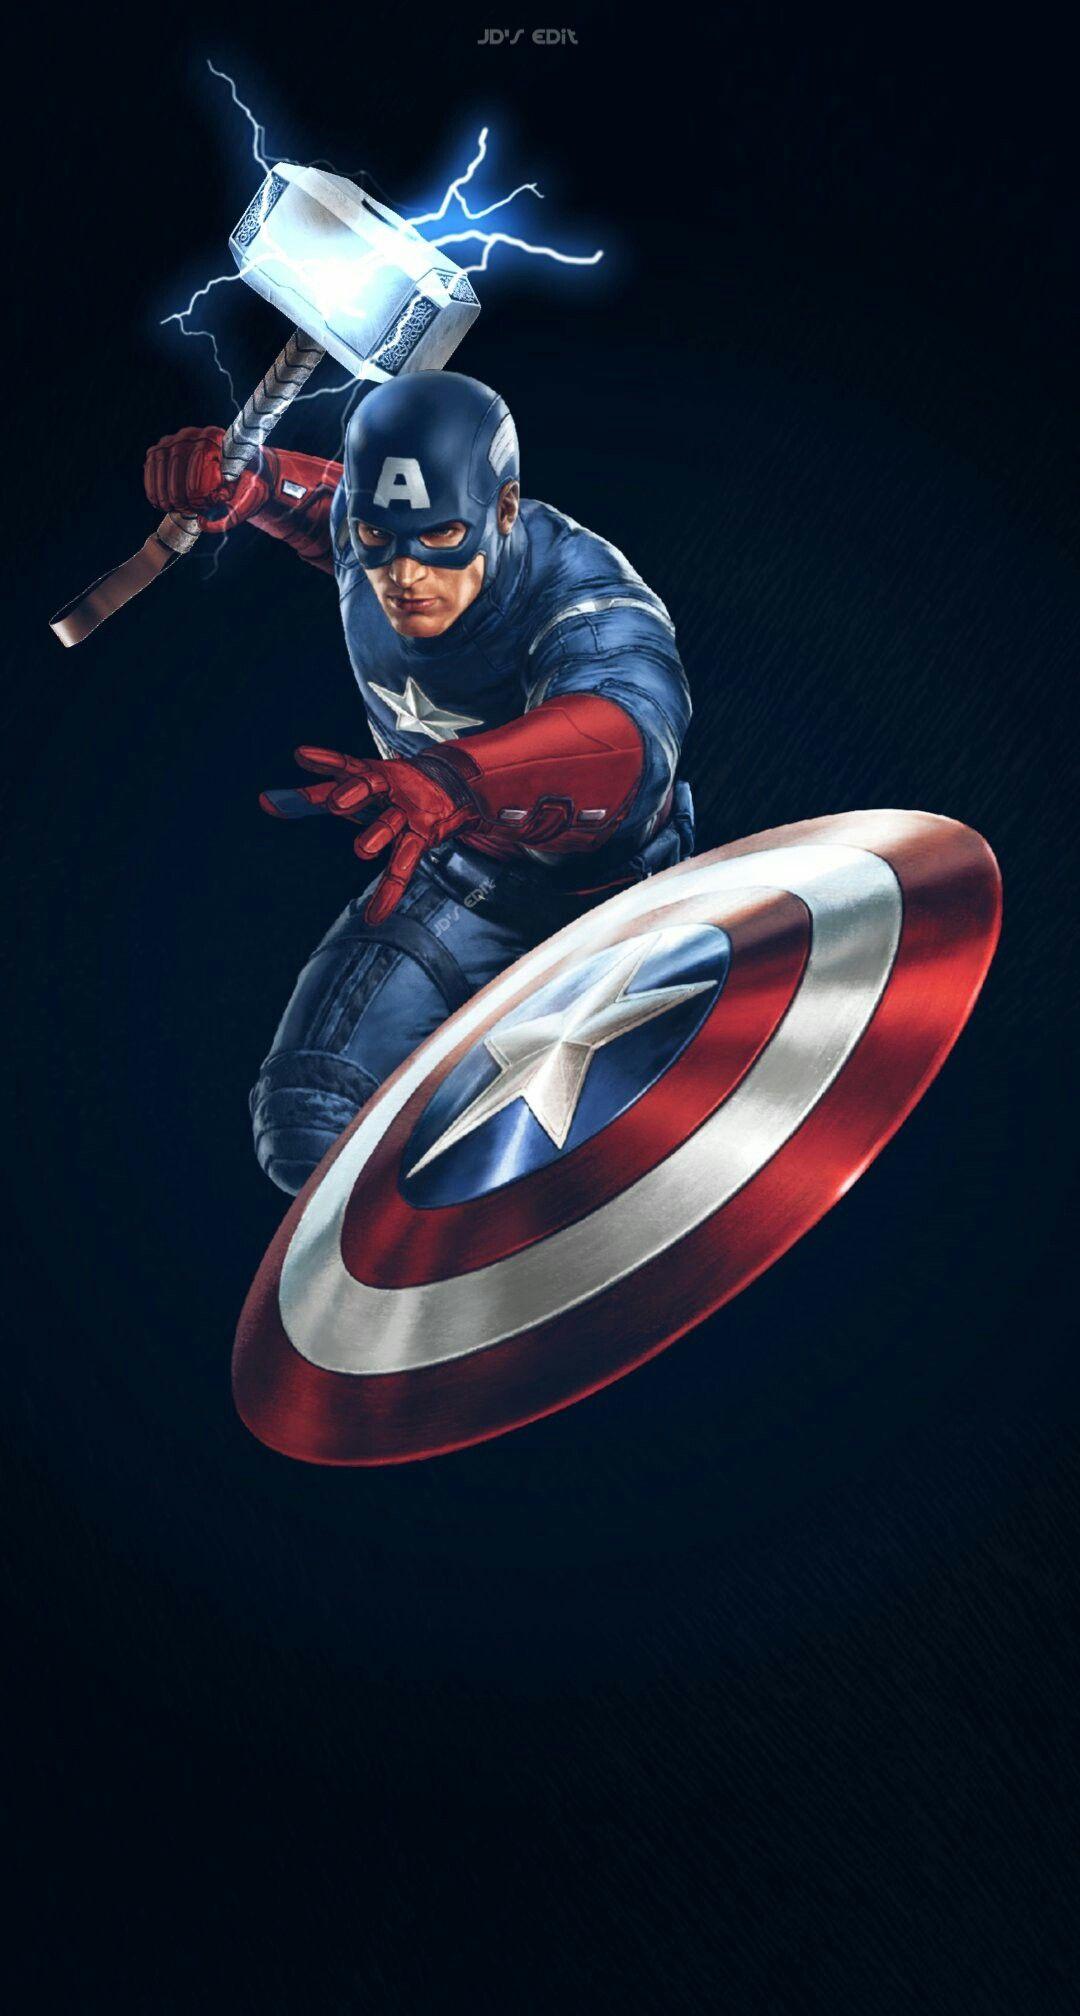 Avengers Endgame Marvel Captain Marvel Thor Black Widow Captain Tony Ironman Spiderman Wanda Nebula Wallpaper Pahlawan Super Pahlawan Marvel Kartun